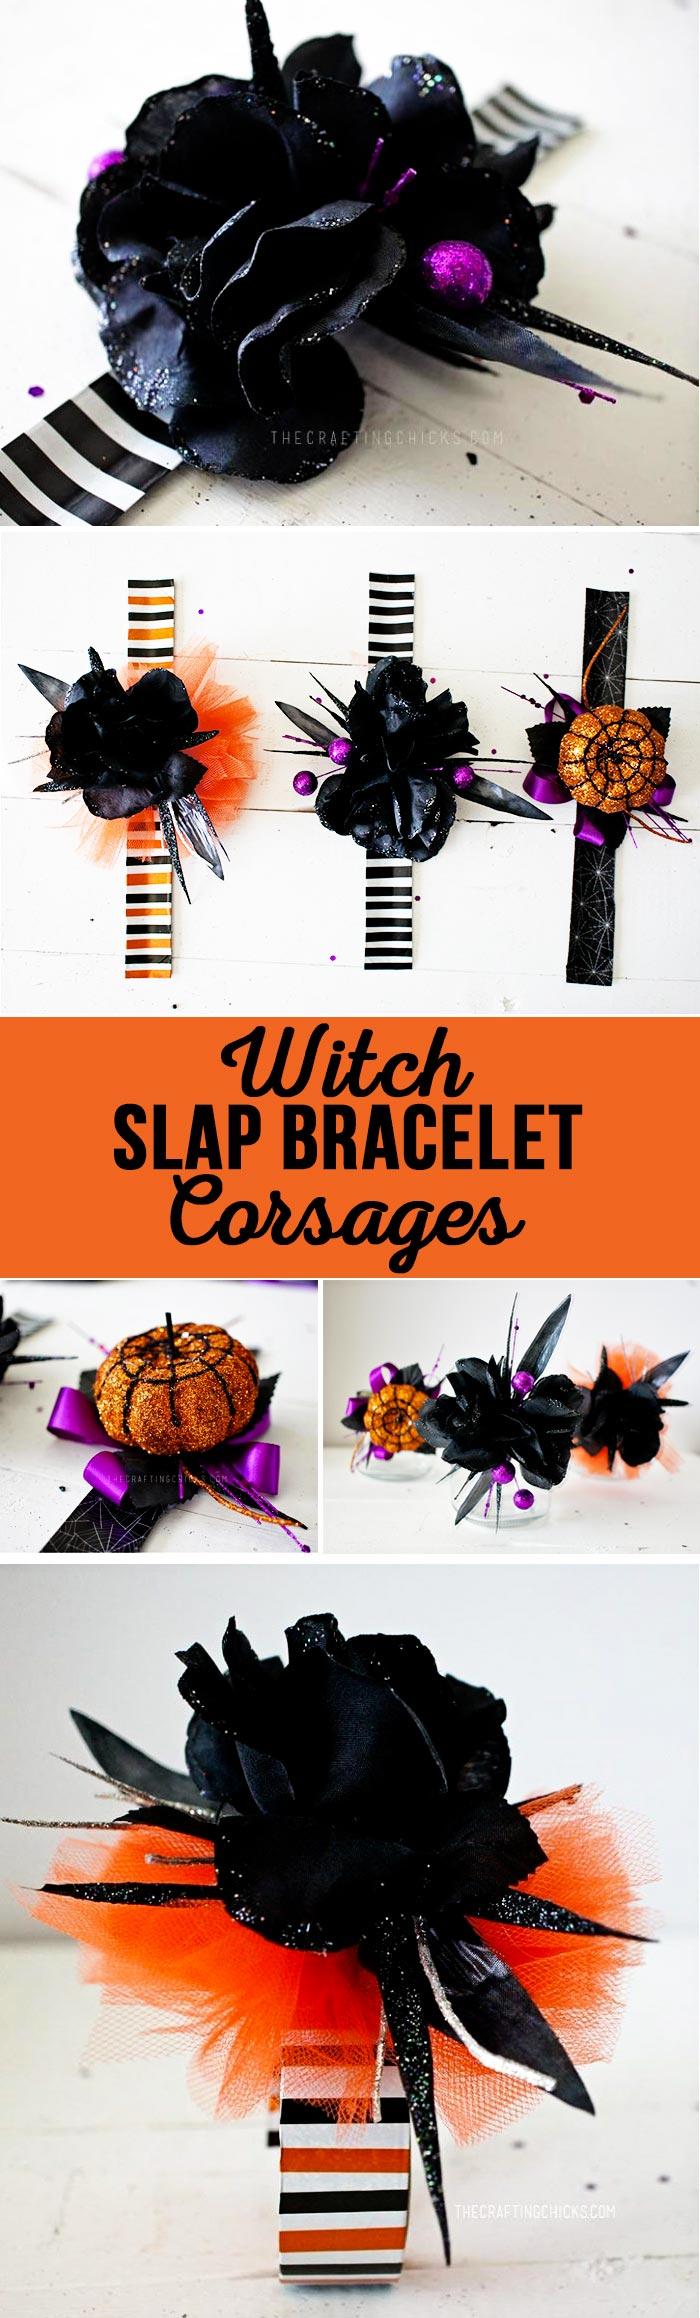 Witch Slap Bracelet Corsages